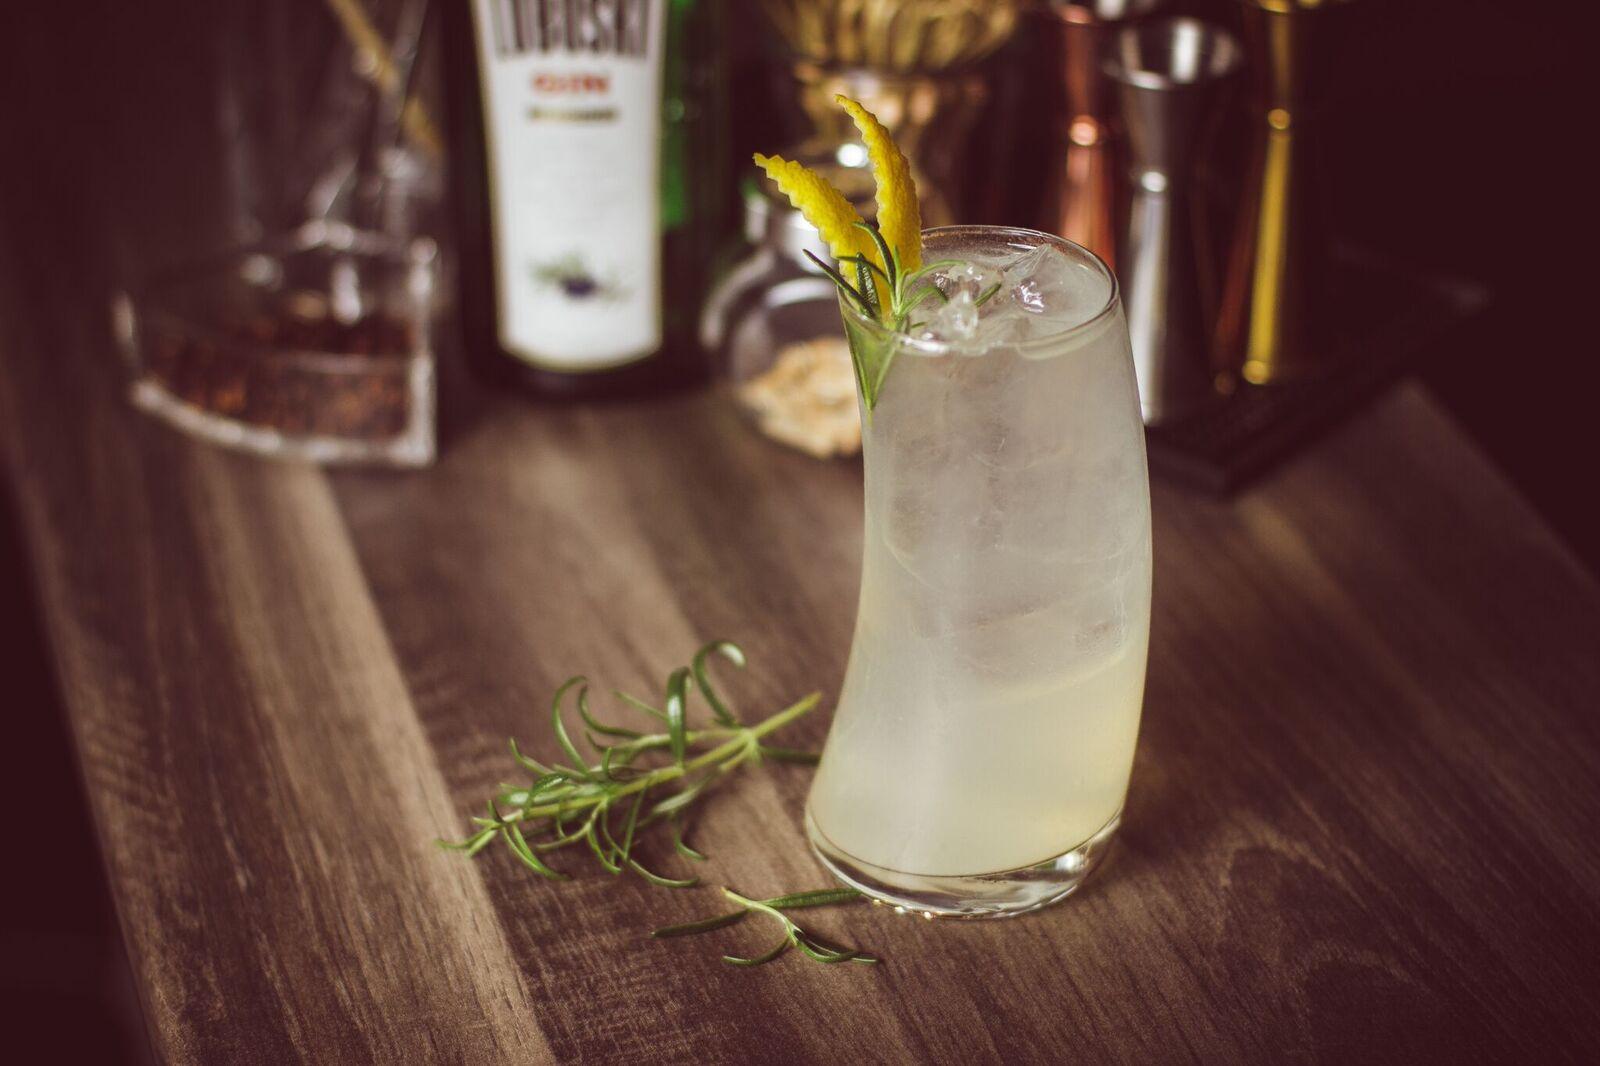 Gin Fizz - cytrusowy, orzeźwiający drink z ginem.